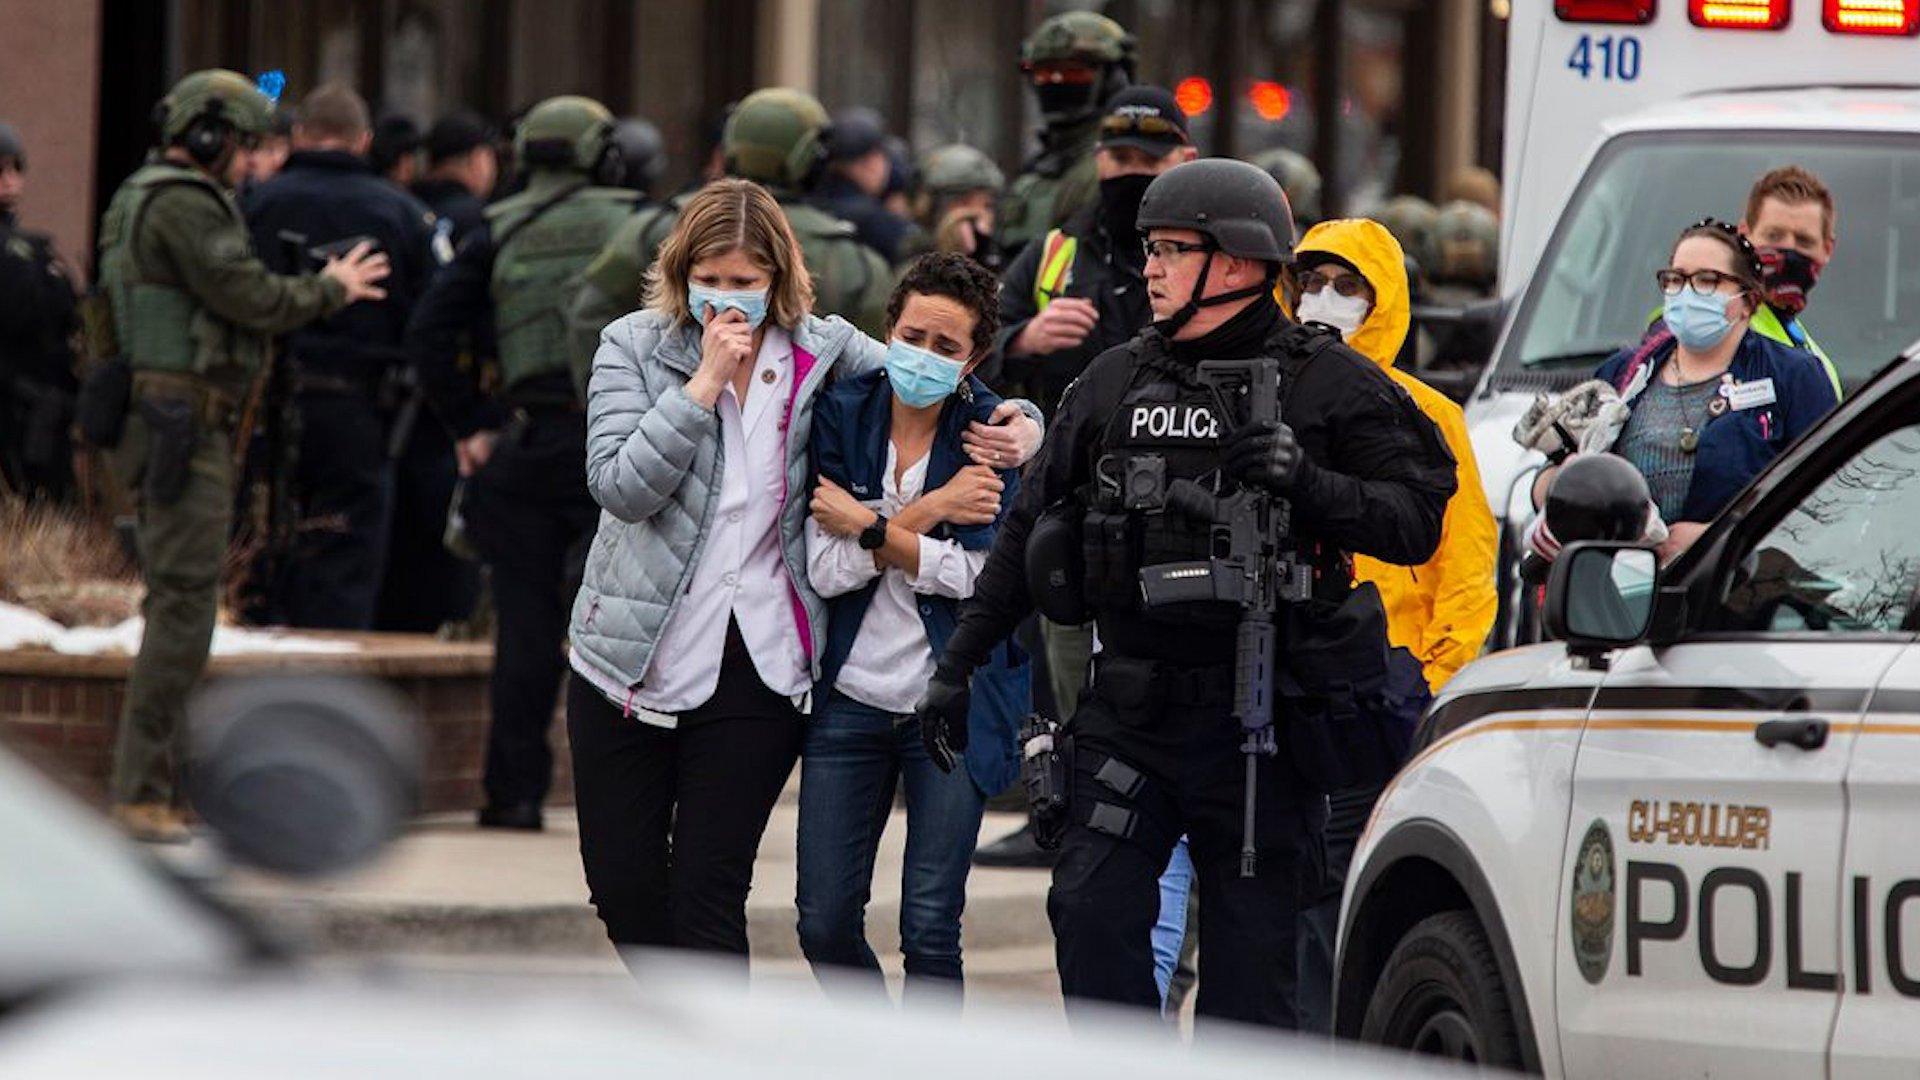 10 Dead in Colorado Mass Shooting